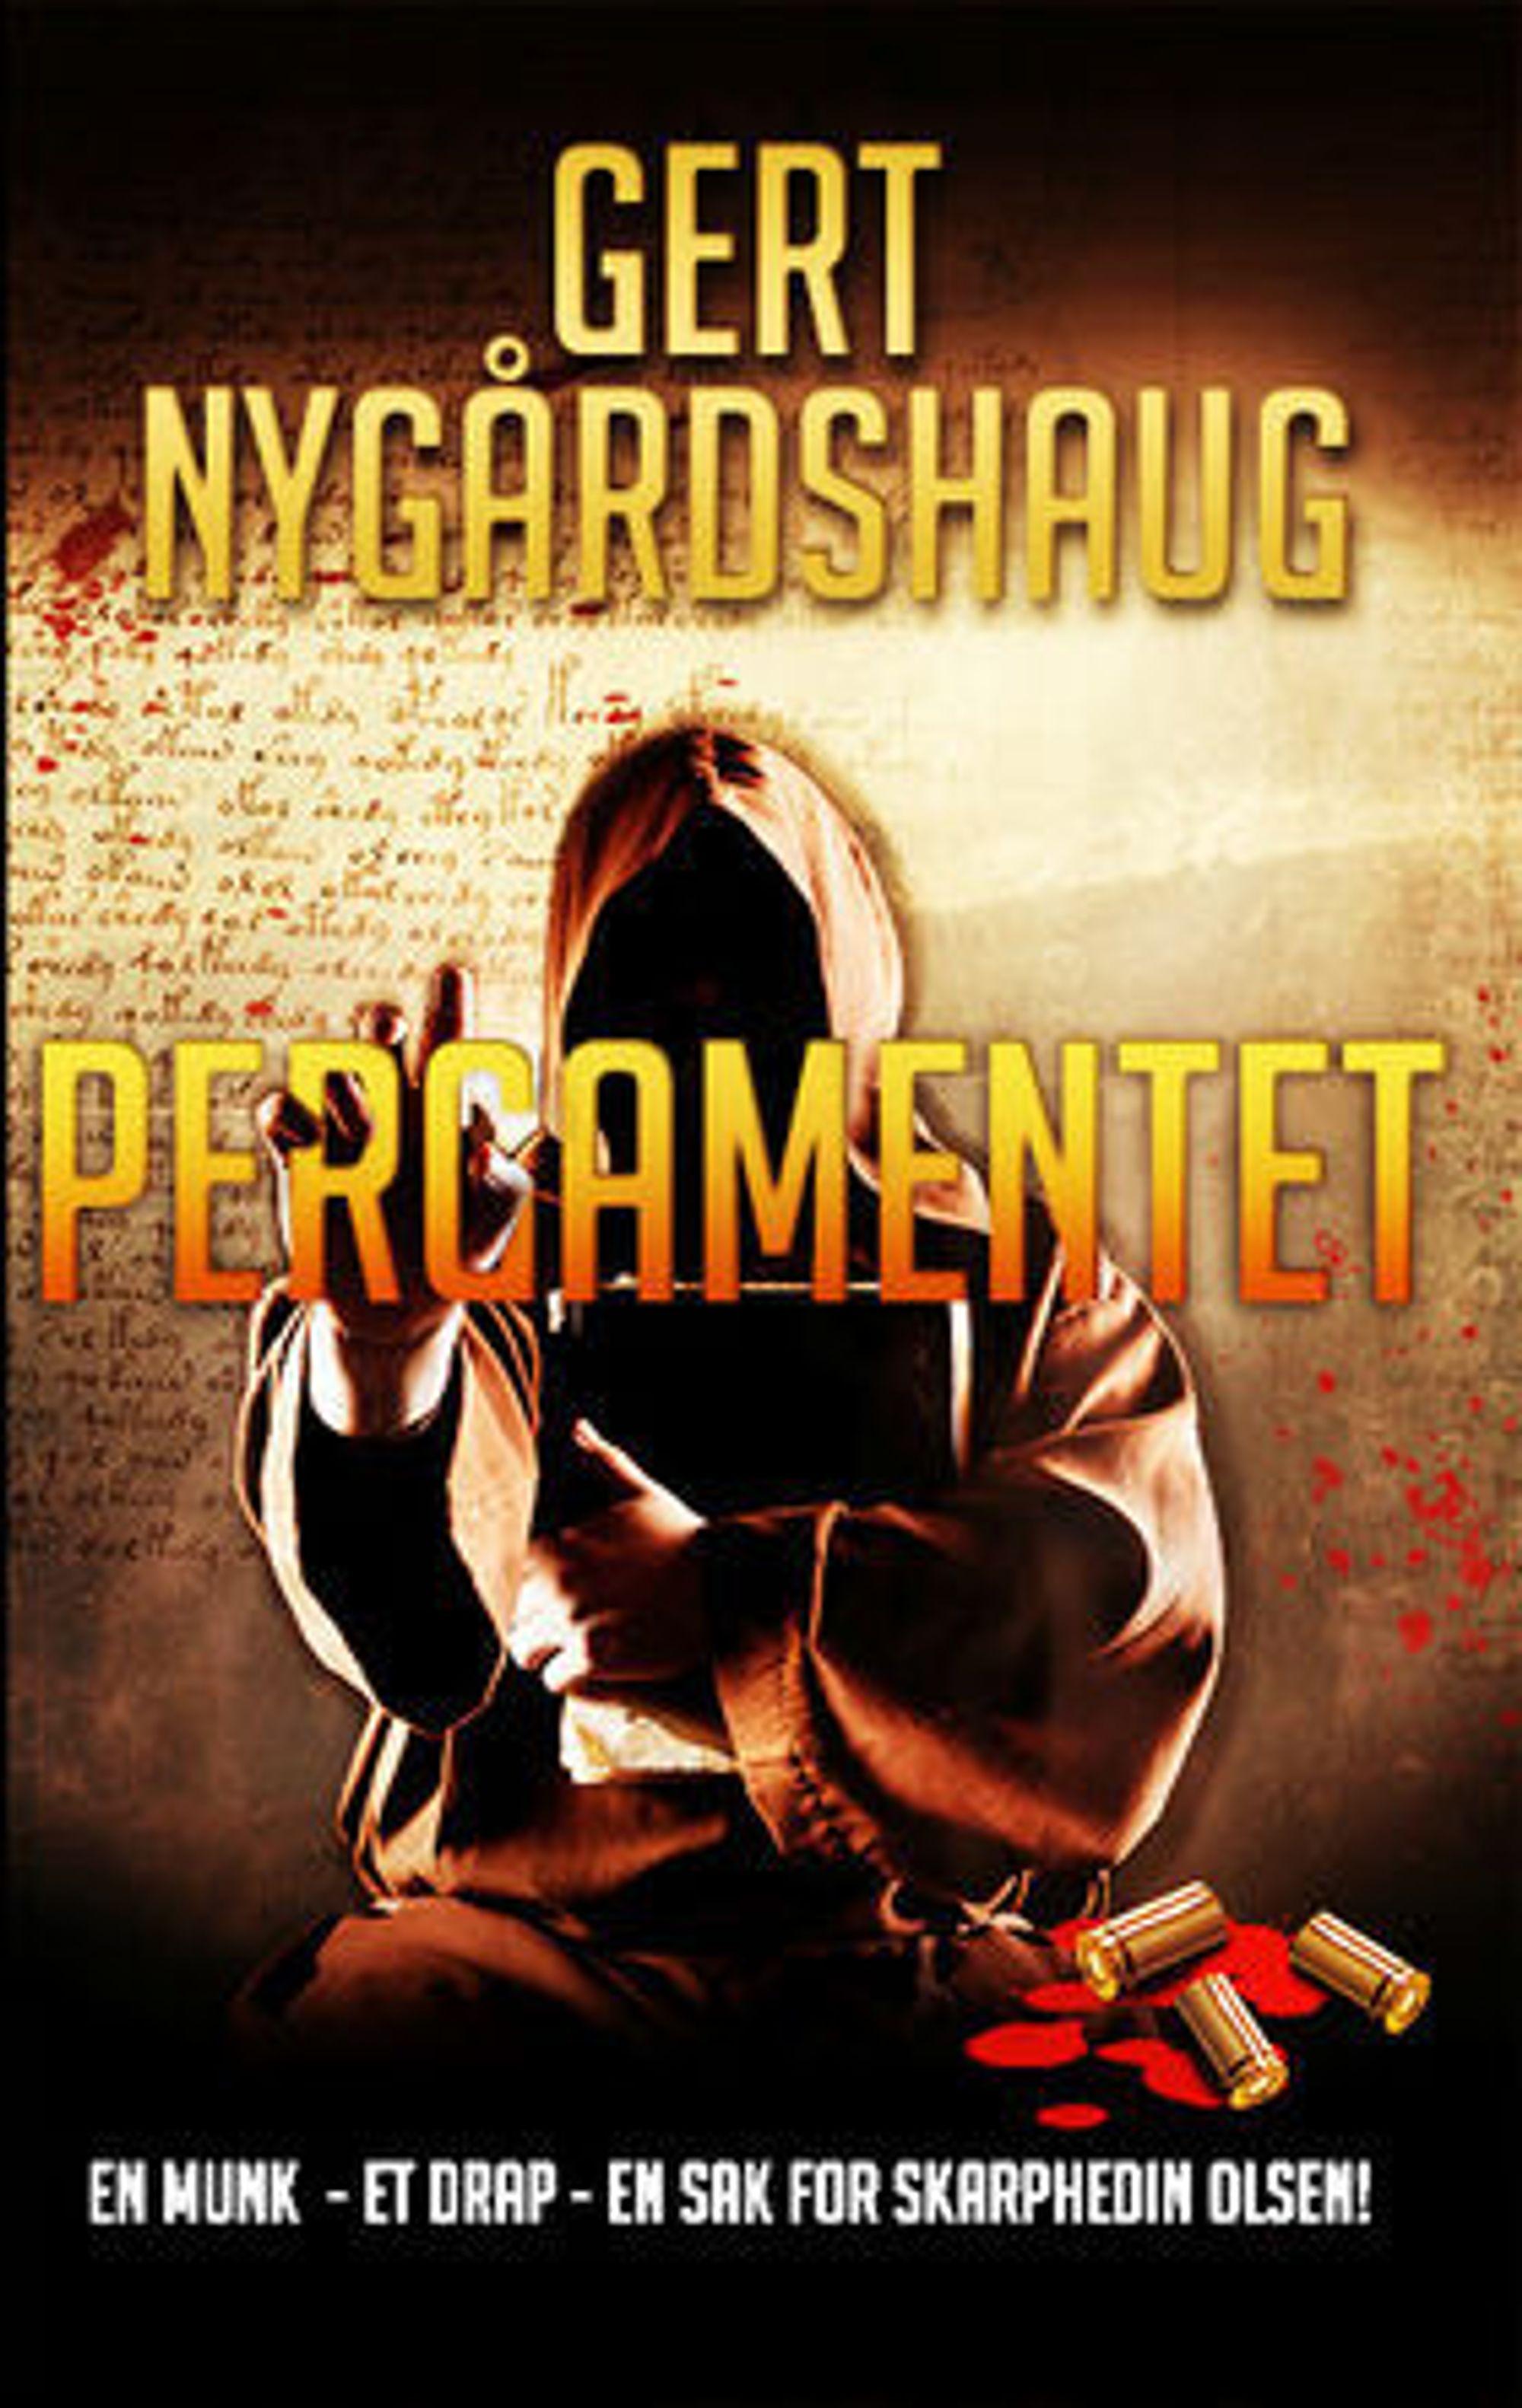 Gert Nygårdshaugs siste bok, Pergamentet, har fått meget gode omtaler. Nå kan du sikre deg eboken direkte fra forfatteren - til en brøkdel av normal pris.